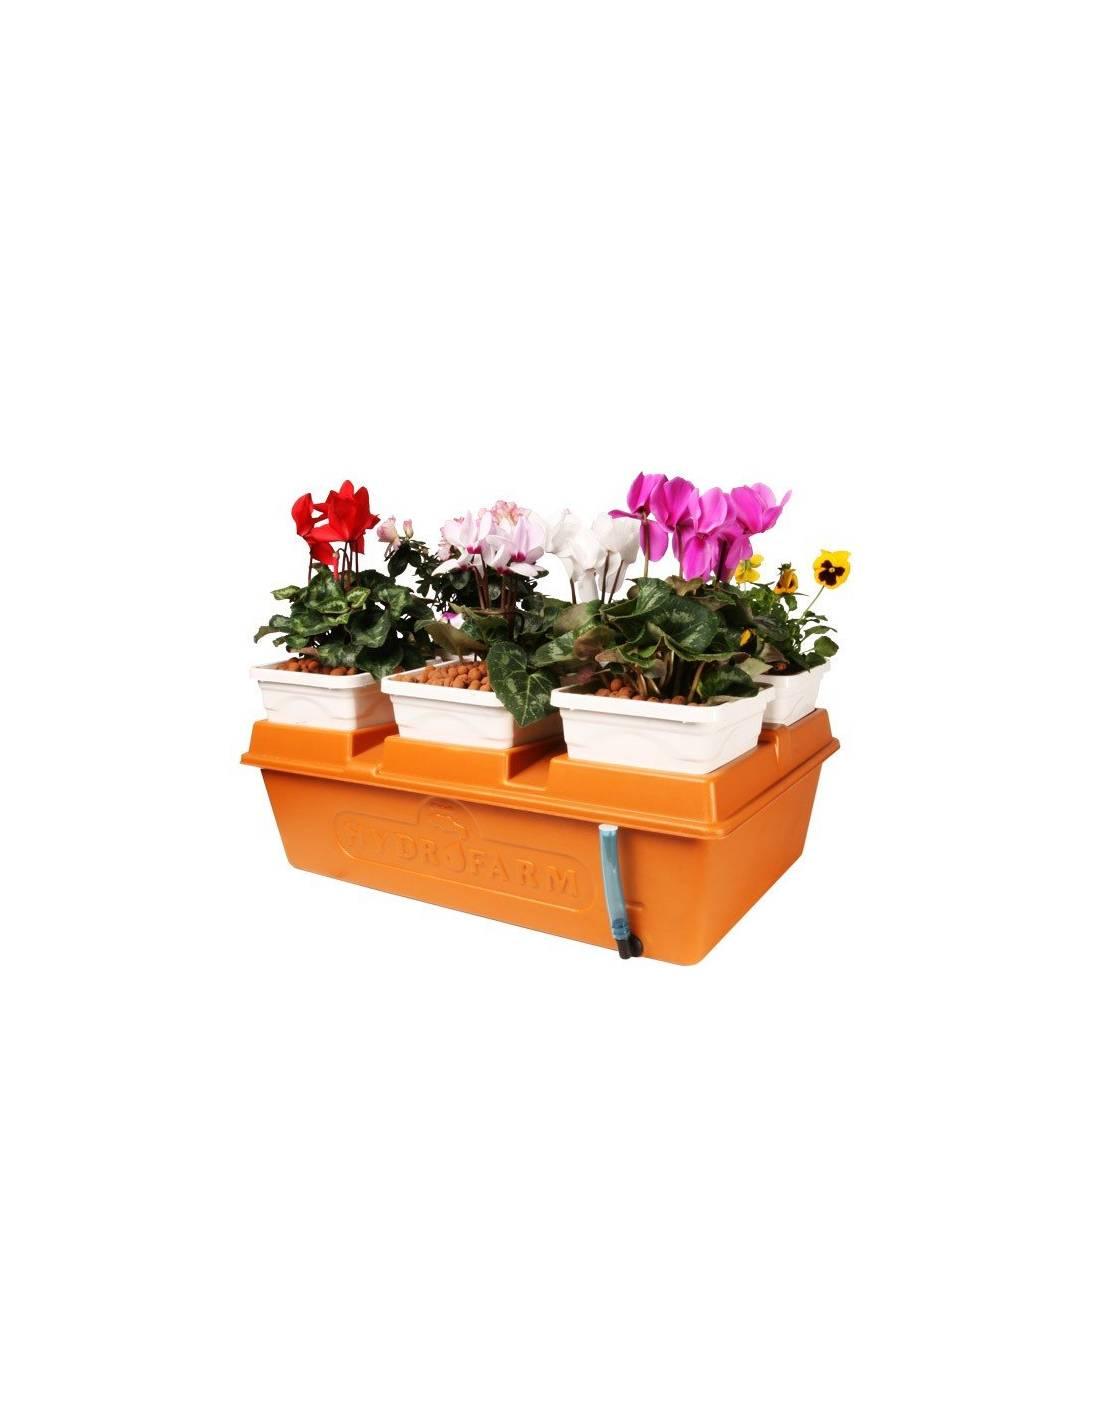 Backyard Nursery System : Huerto urbano > Macetas y bandejas > Emilys Garden System